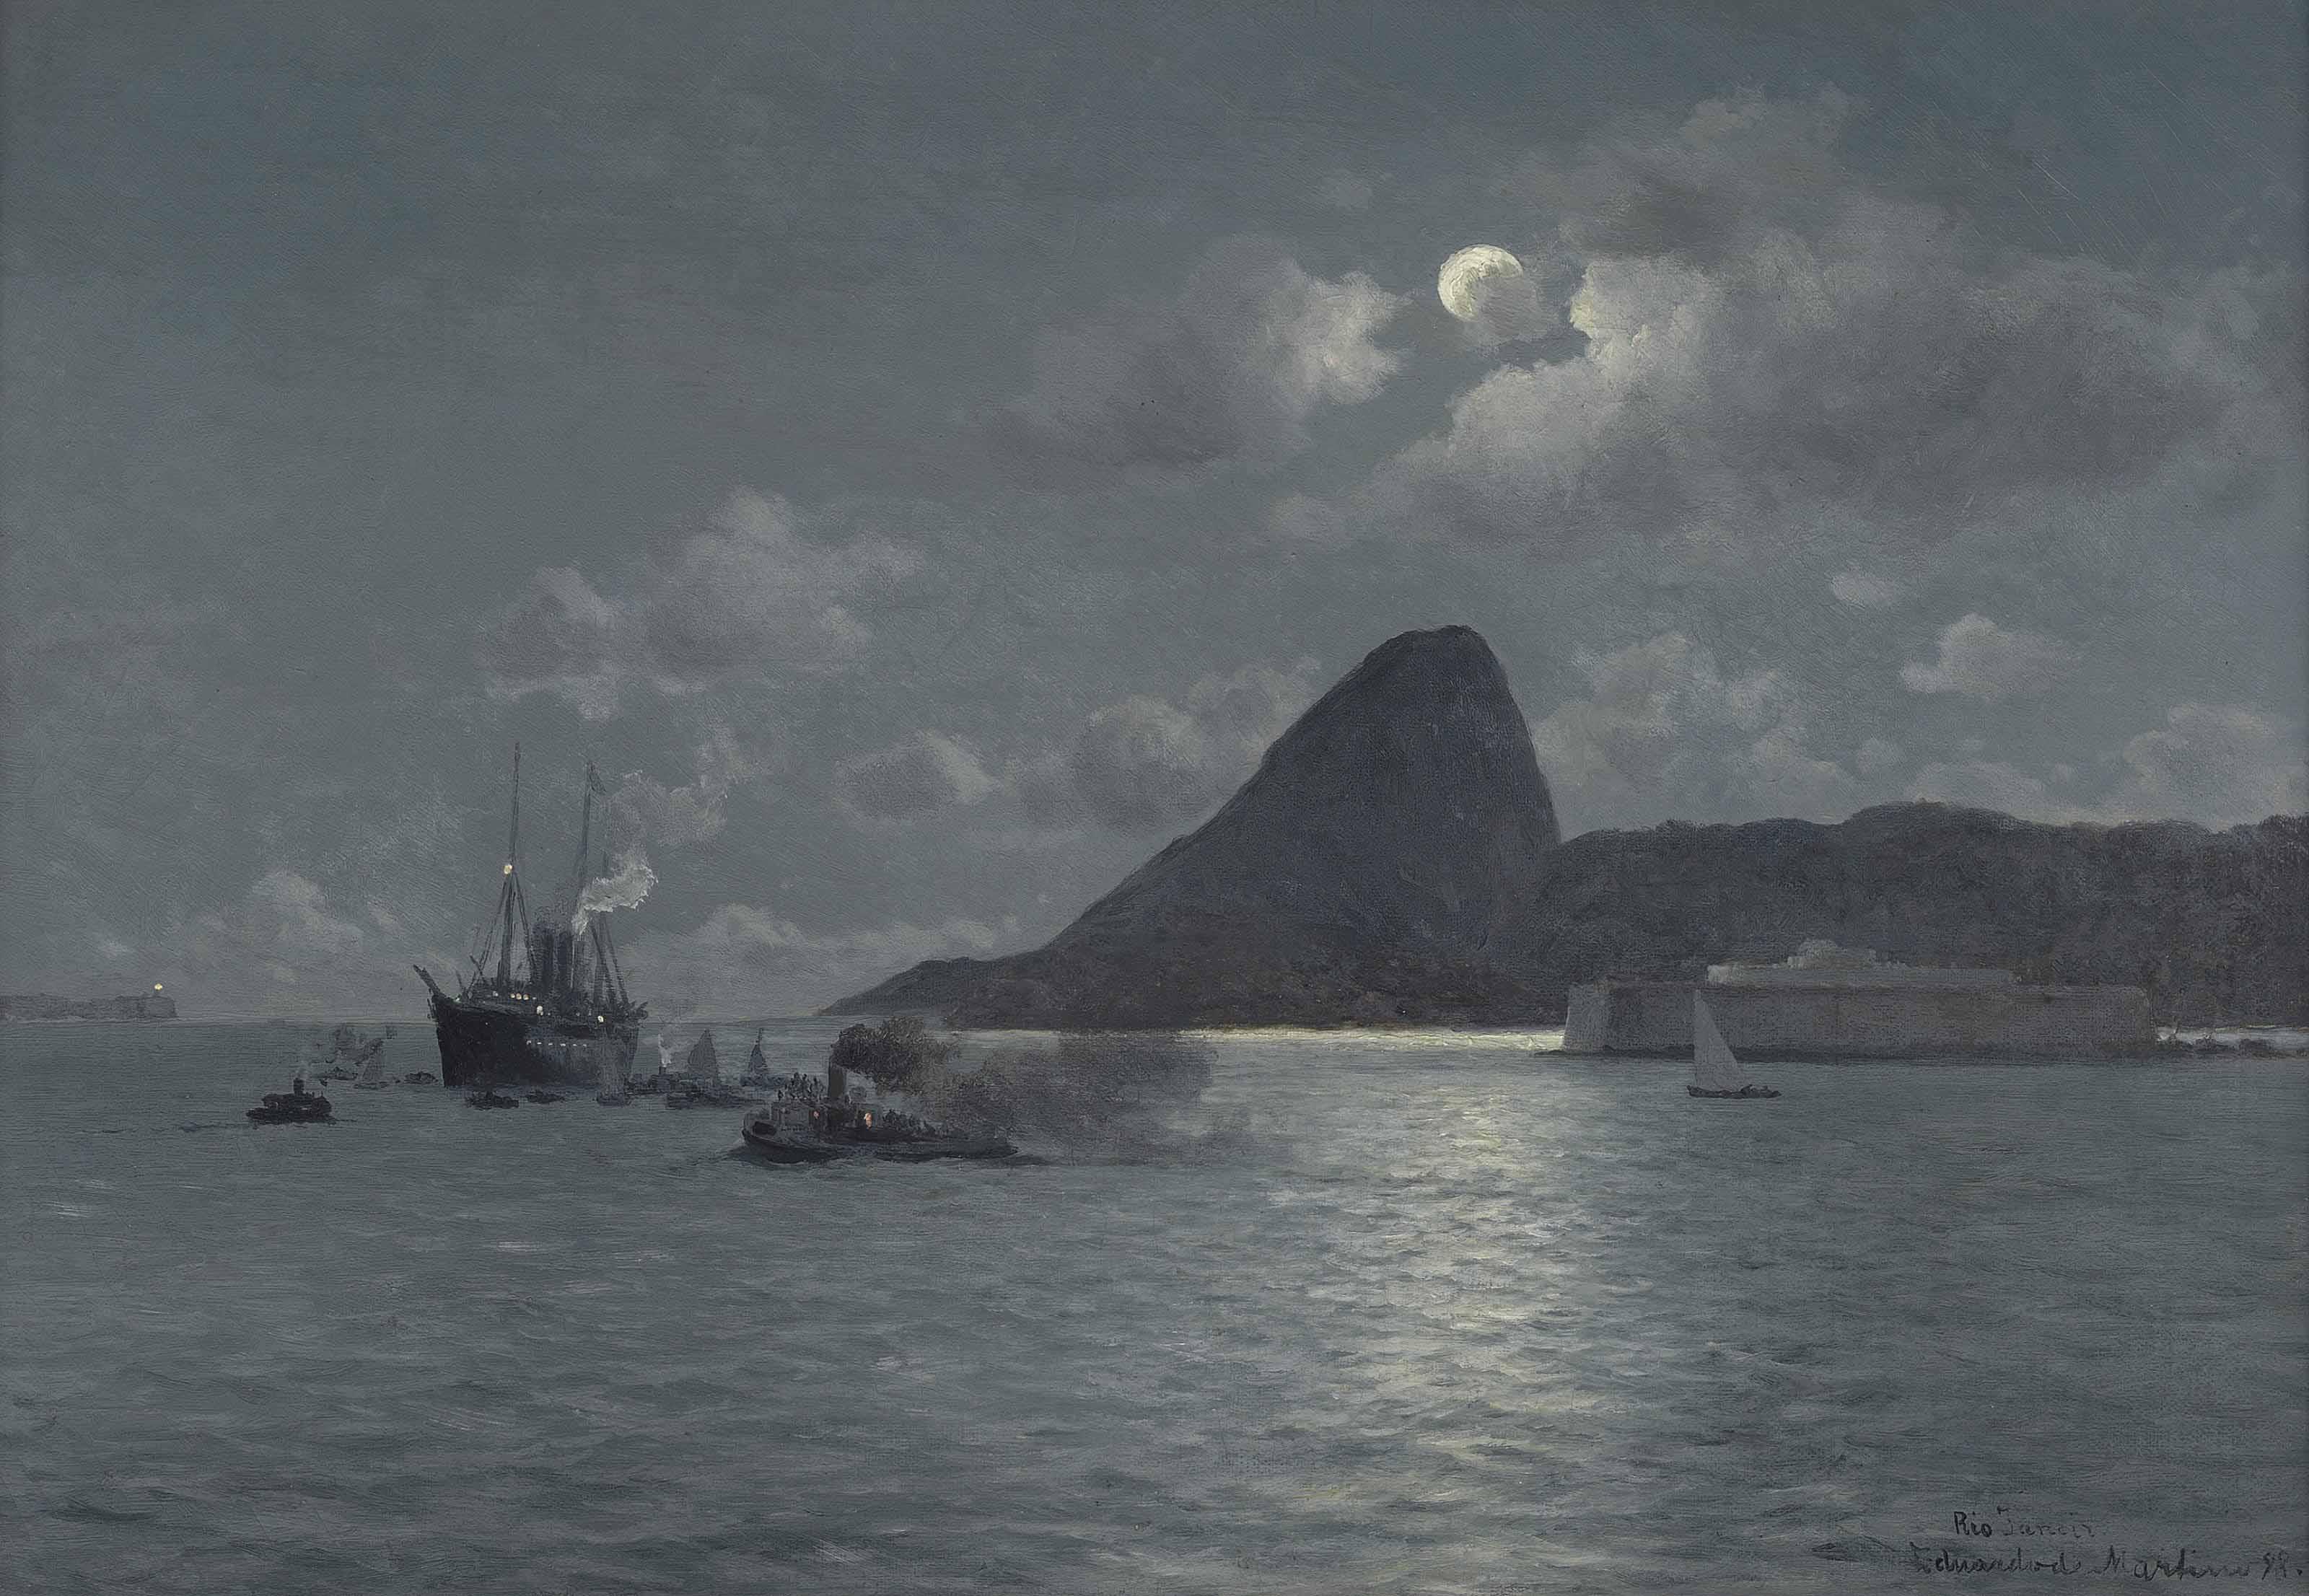 Rio de Janeiro by moonlight